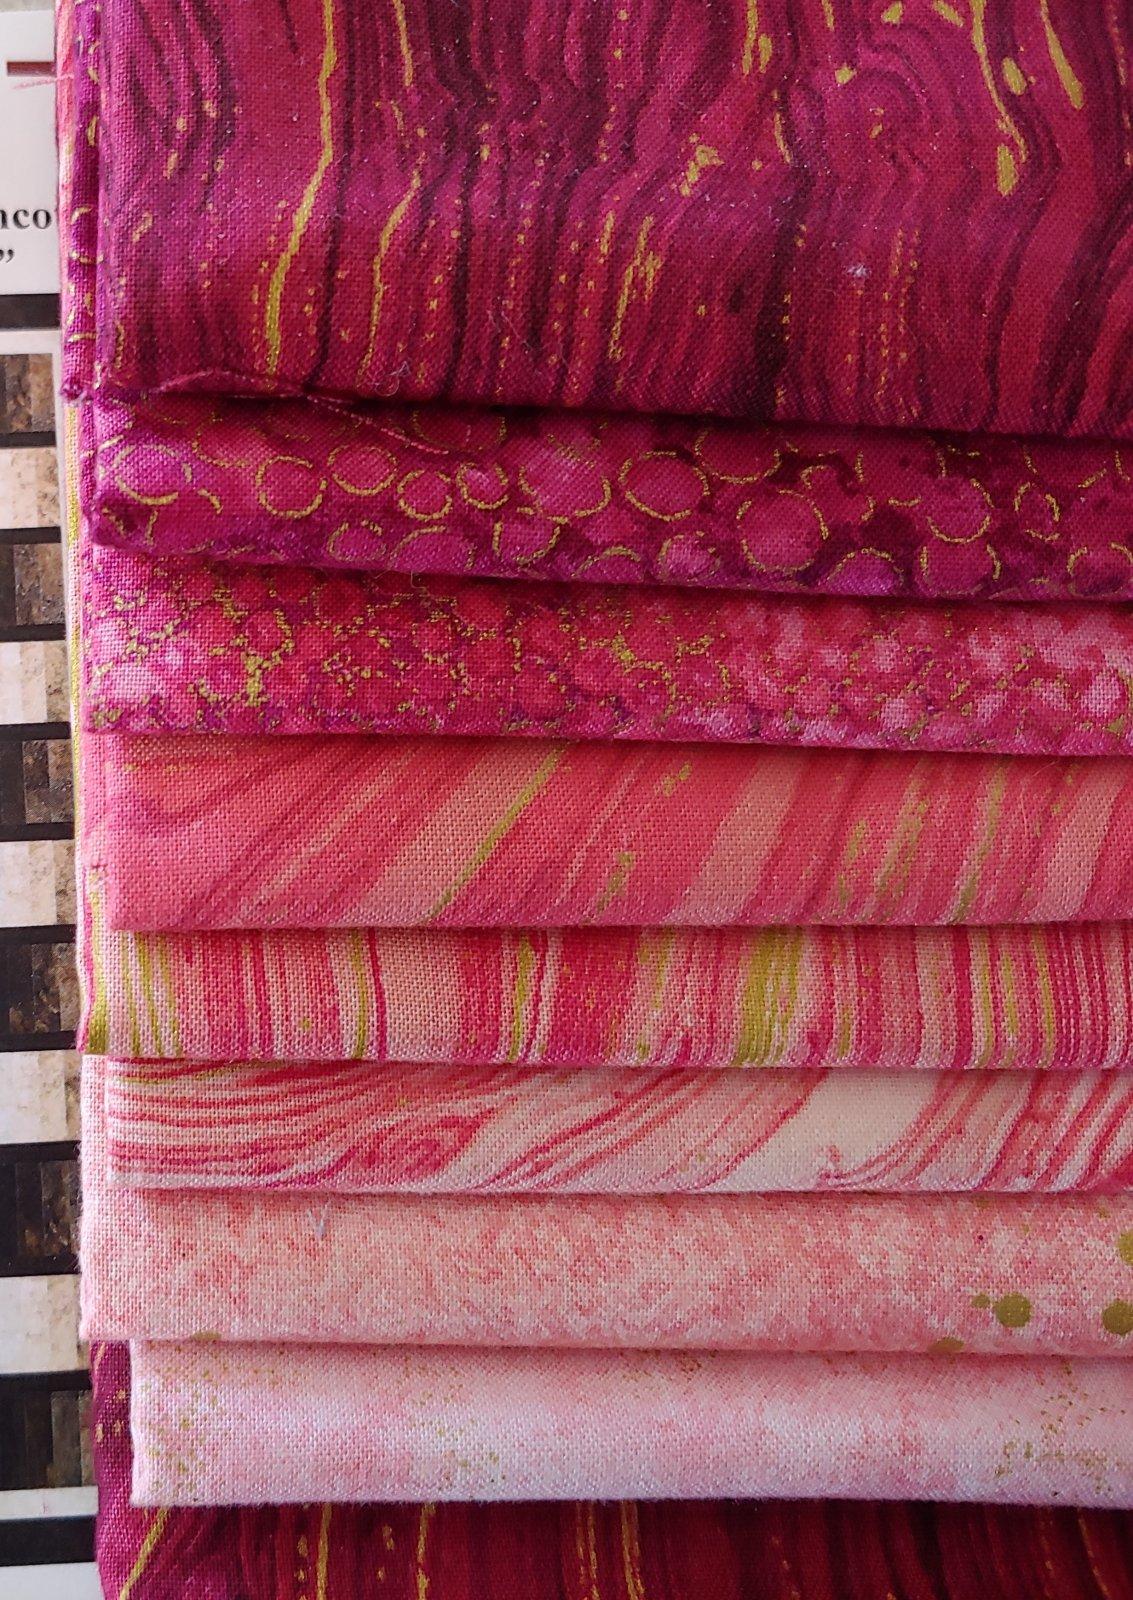 Dream Weaver Lap Quilt Kit - Rose/Burgundy